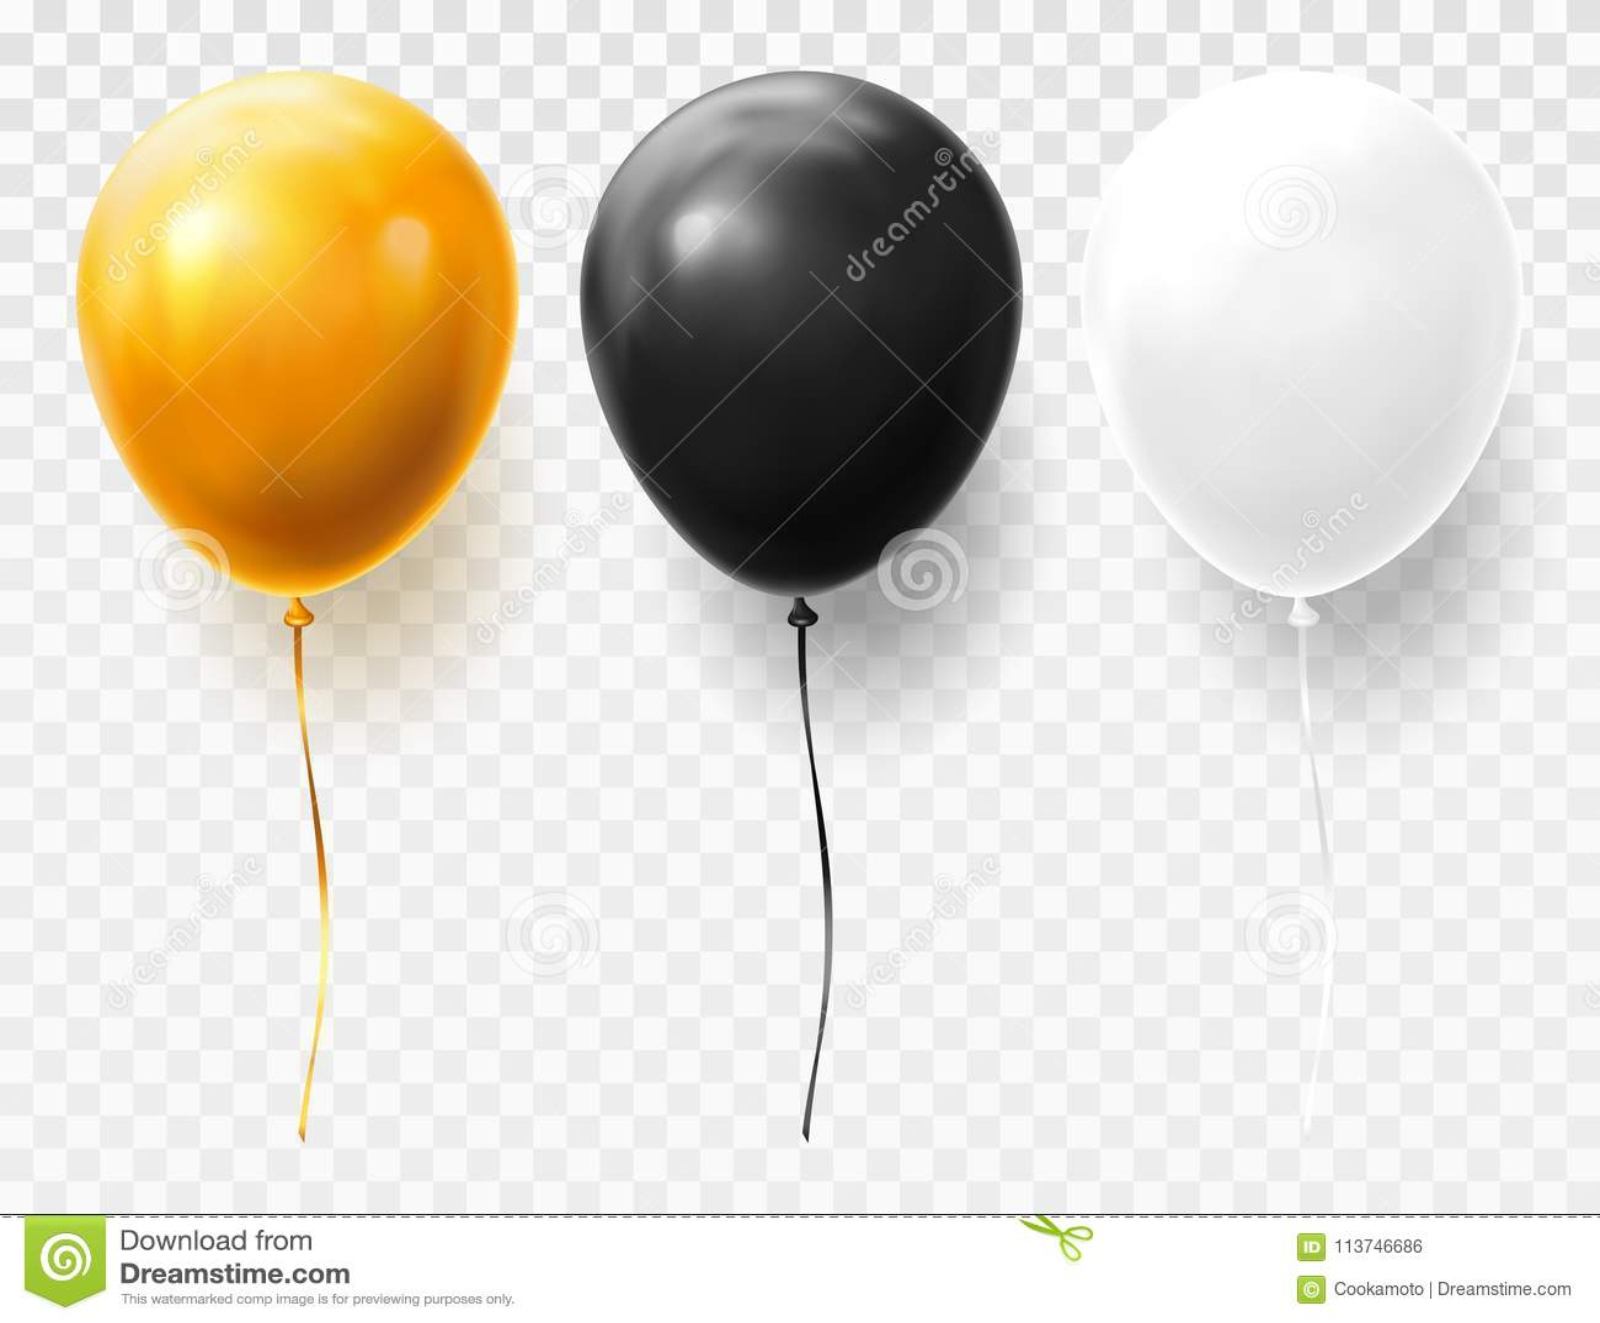 Realistische und volumetrische Ballone auf transparentem